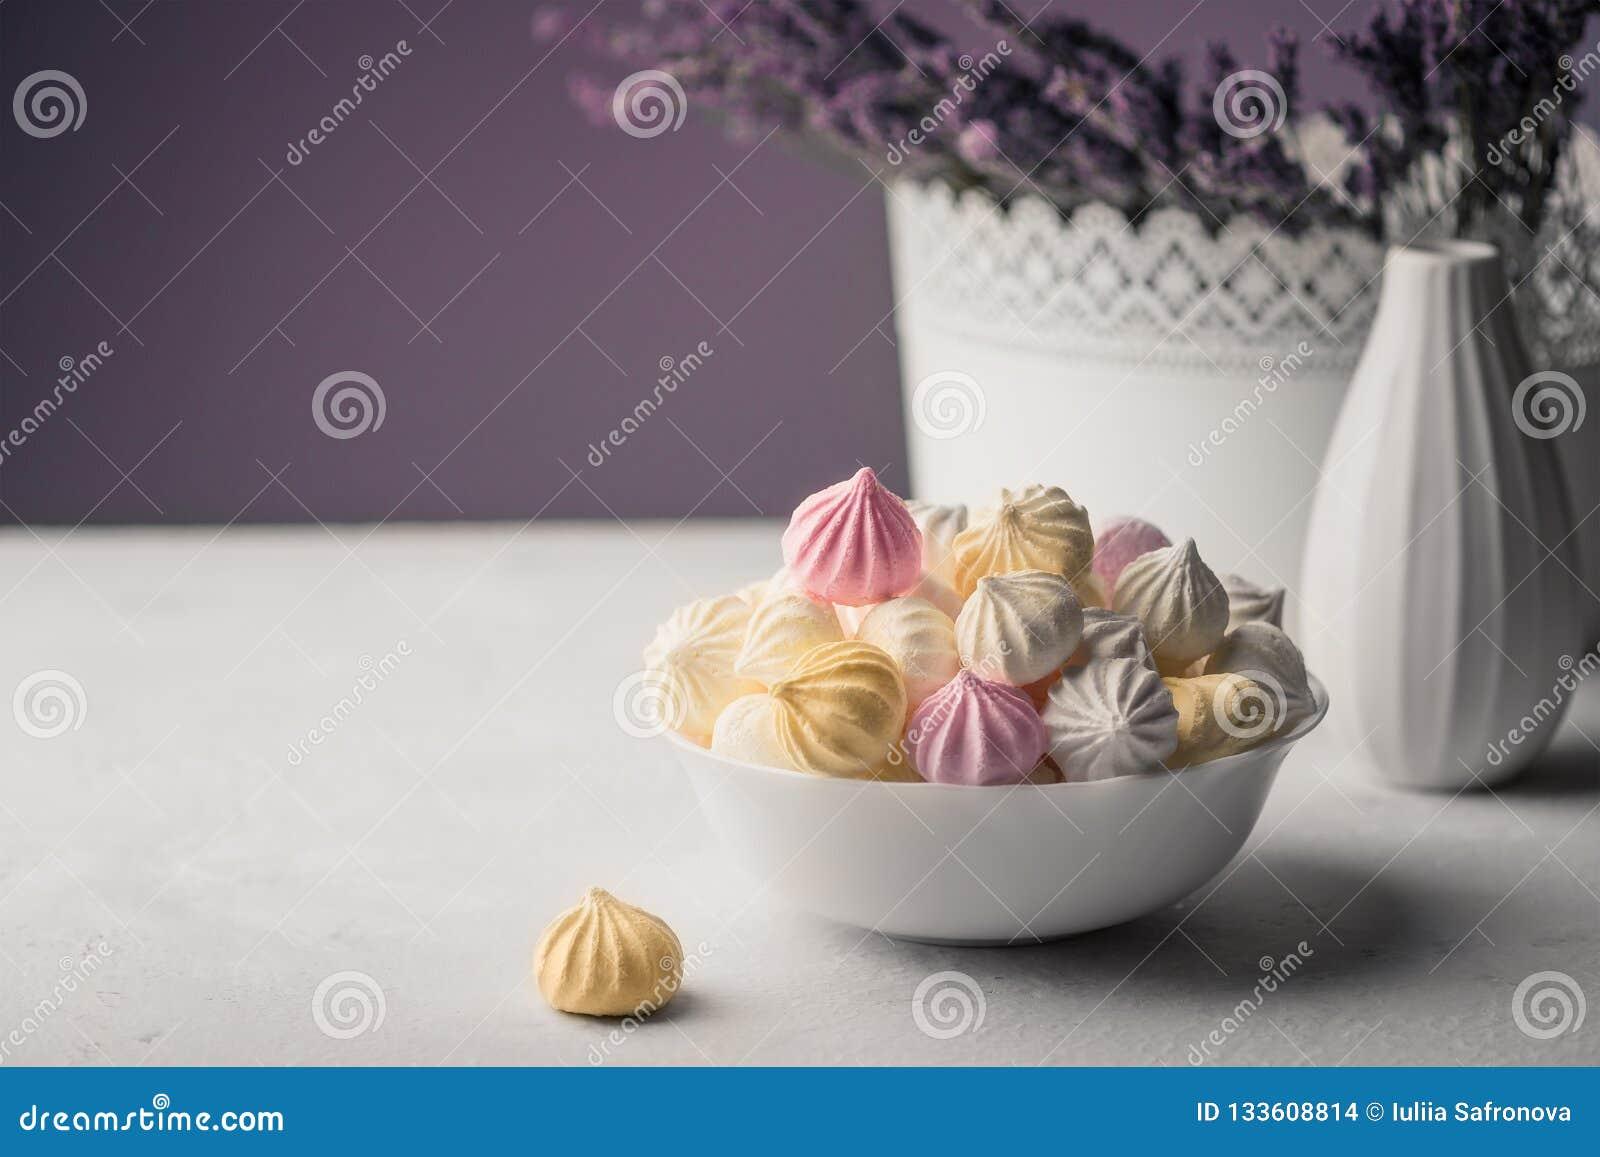 Melcocha dulce en una taza, postre delicioso, lavanda en un vaso